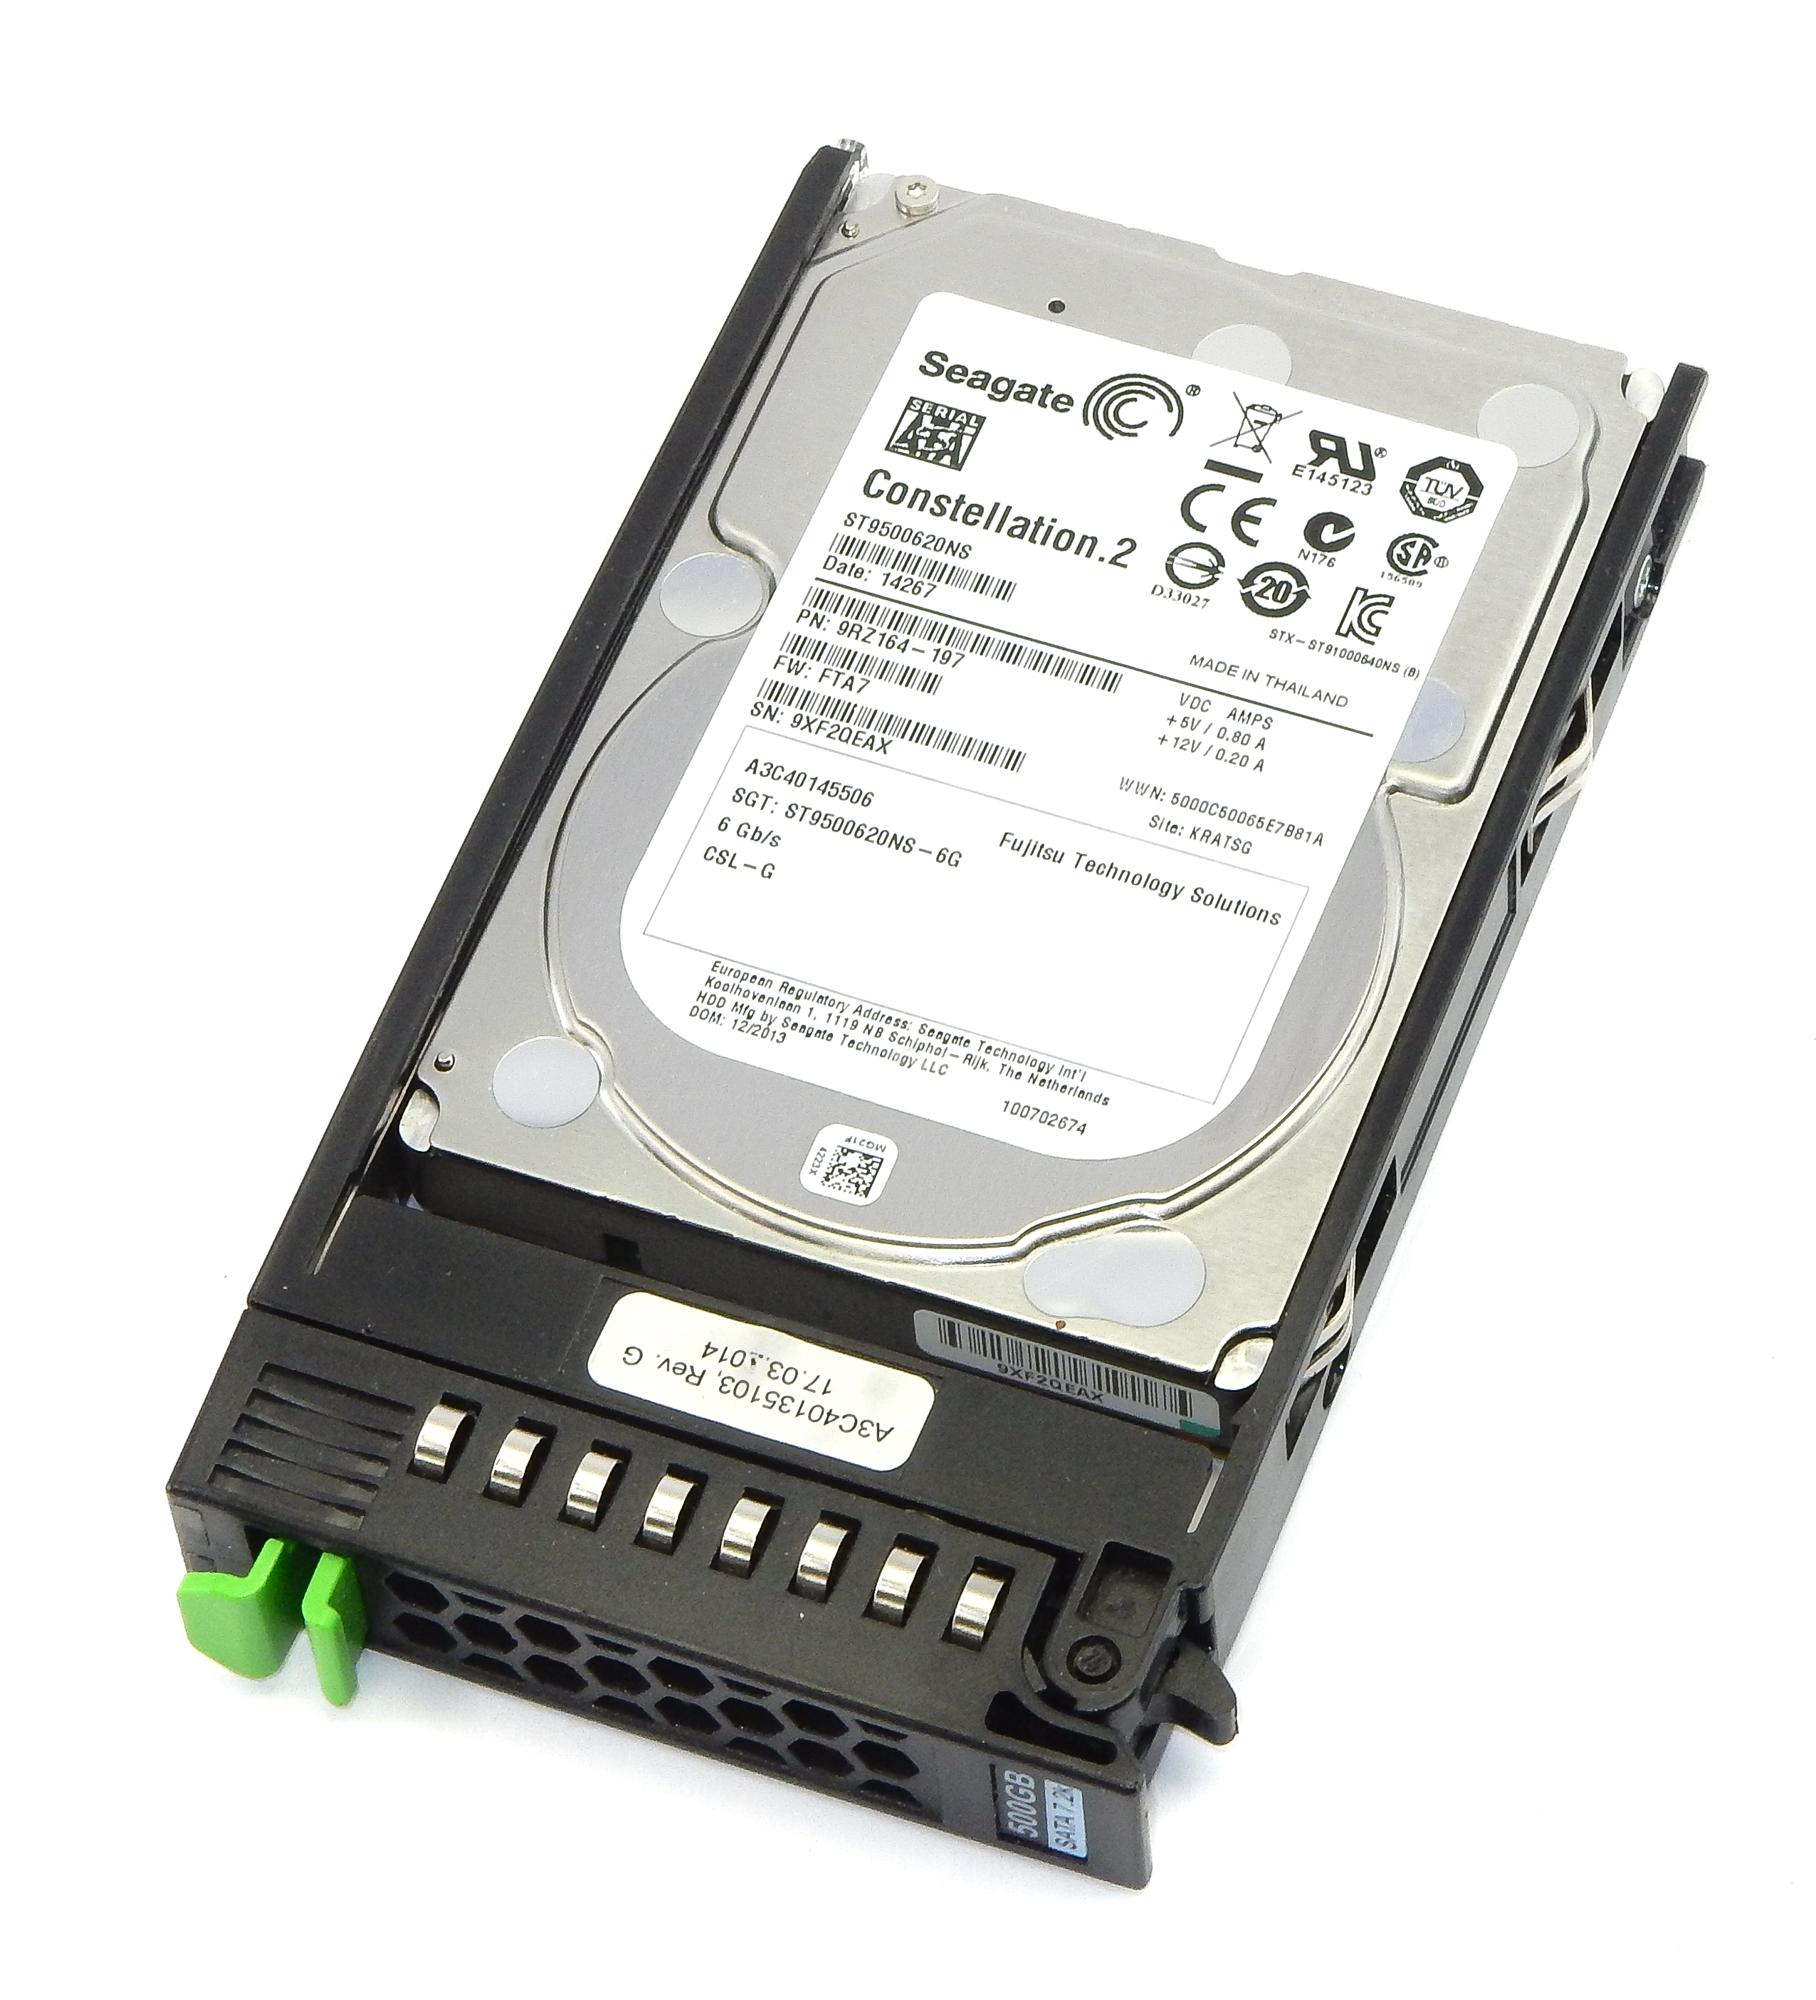 """Fujitsu A3C40135103 Constellation.2 500GB 7200 RPM SATA 2.5"""" HDD A3C40145506"""